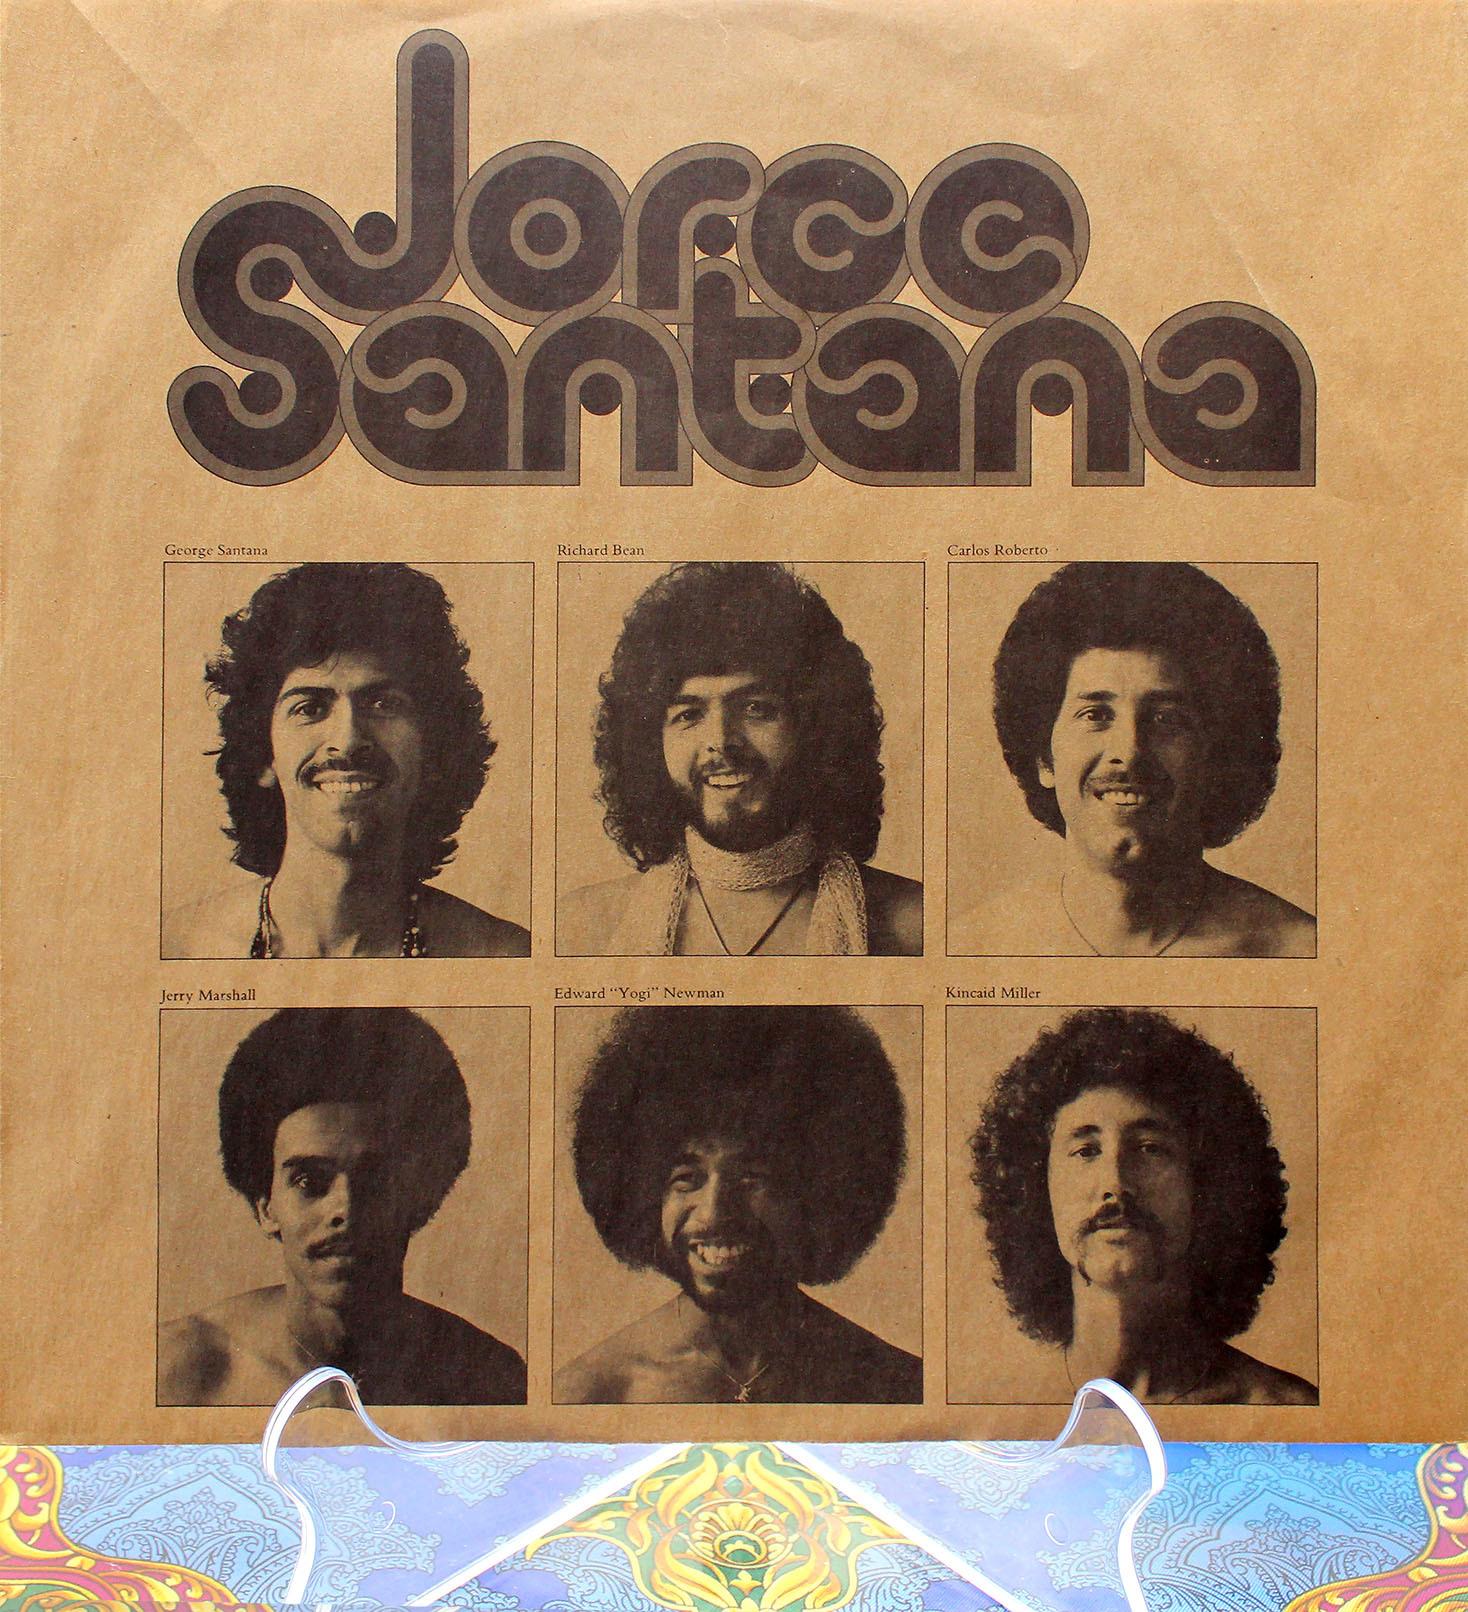 Jorge Santana 12inch 02